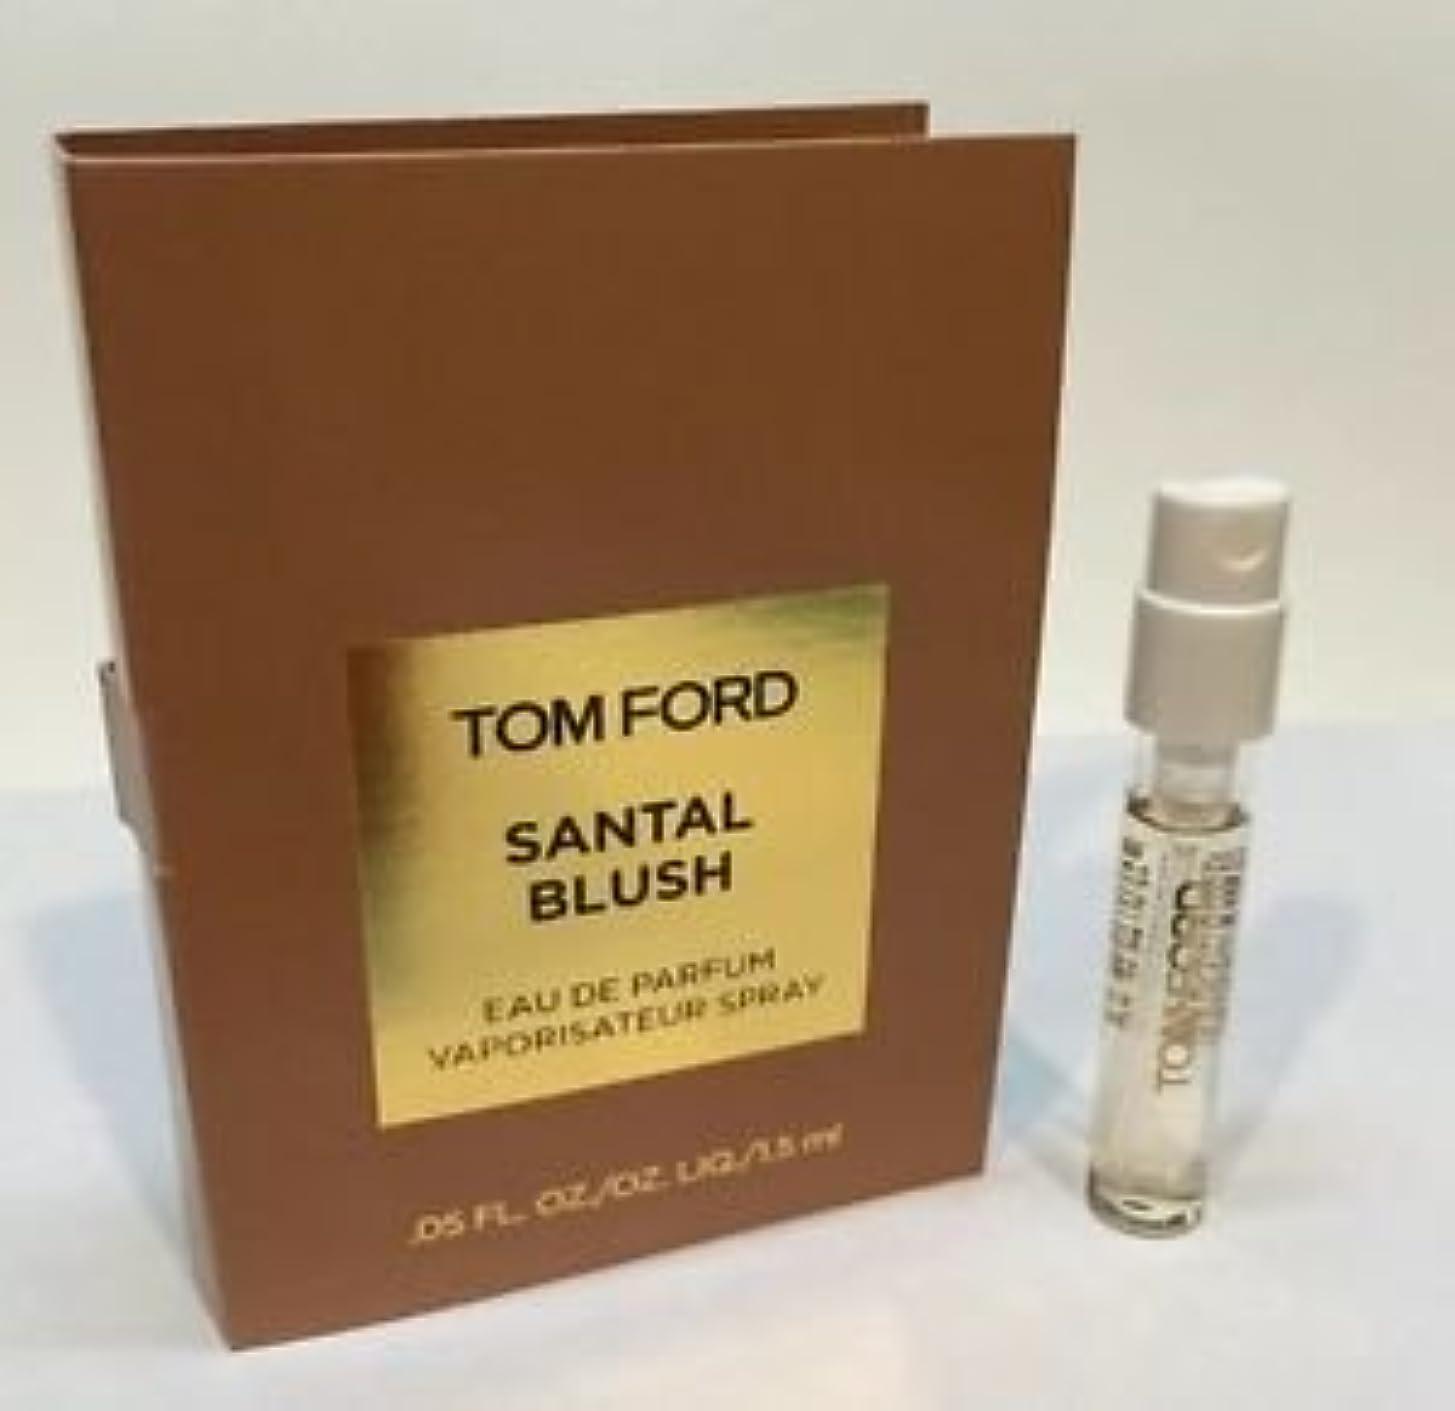 強調ラリー連続的Tom Ford Private Blend 'Santal Blush' (トムフォード プライベートブレンド サンタルブラッシュ) 1.5 ml EDP Sample (メーカーオリジナルサンプル)